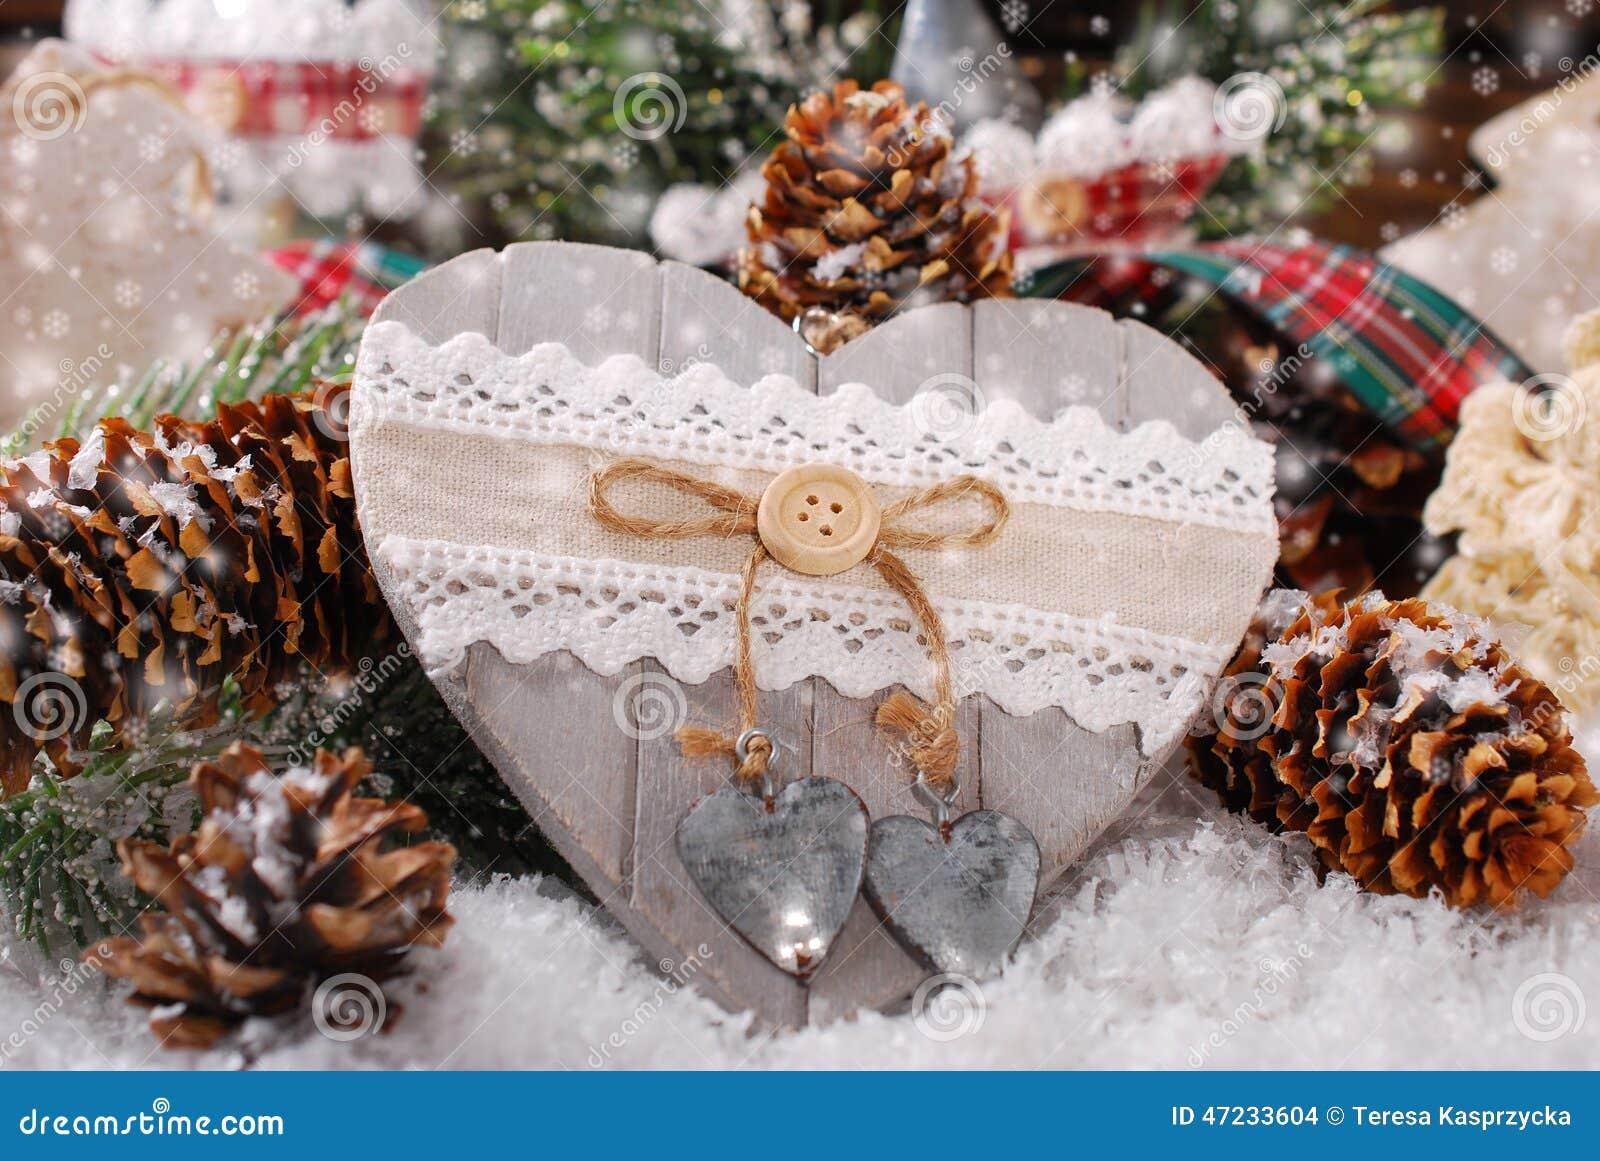 D coration de no l avec le coeur en bois photo stock image 47233604 - Coeur avec des photos ...